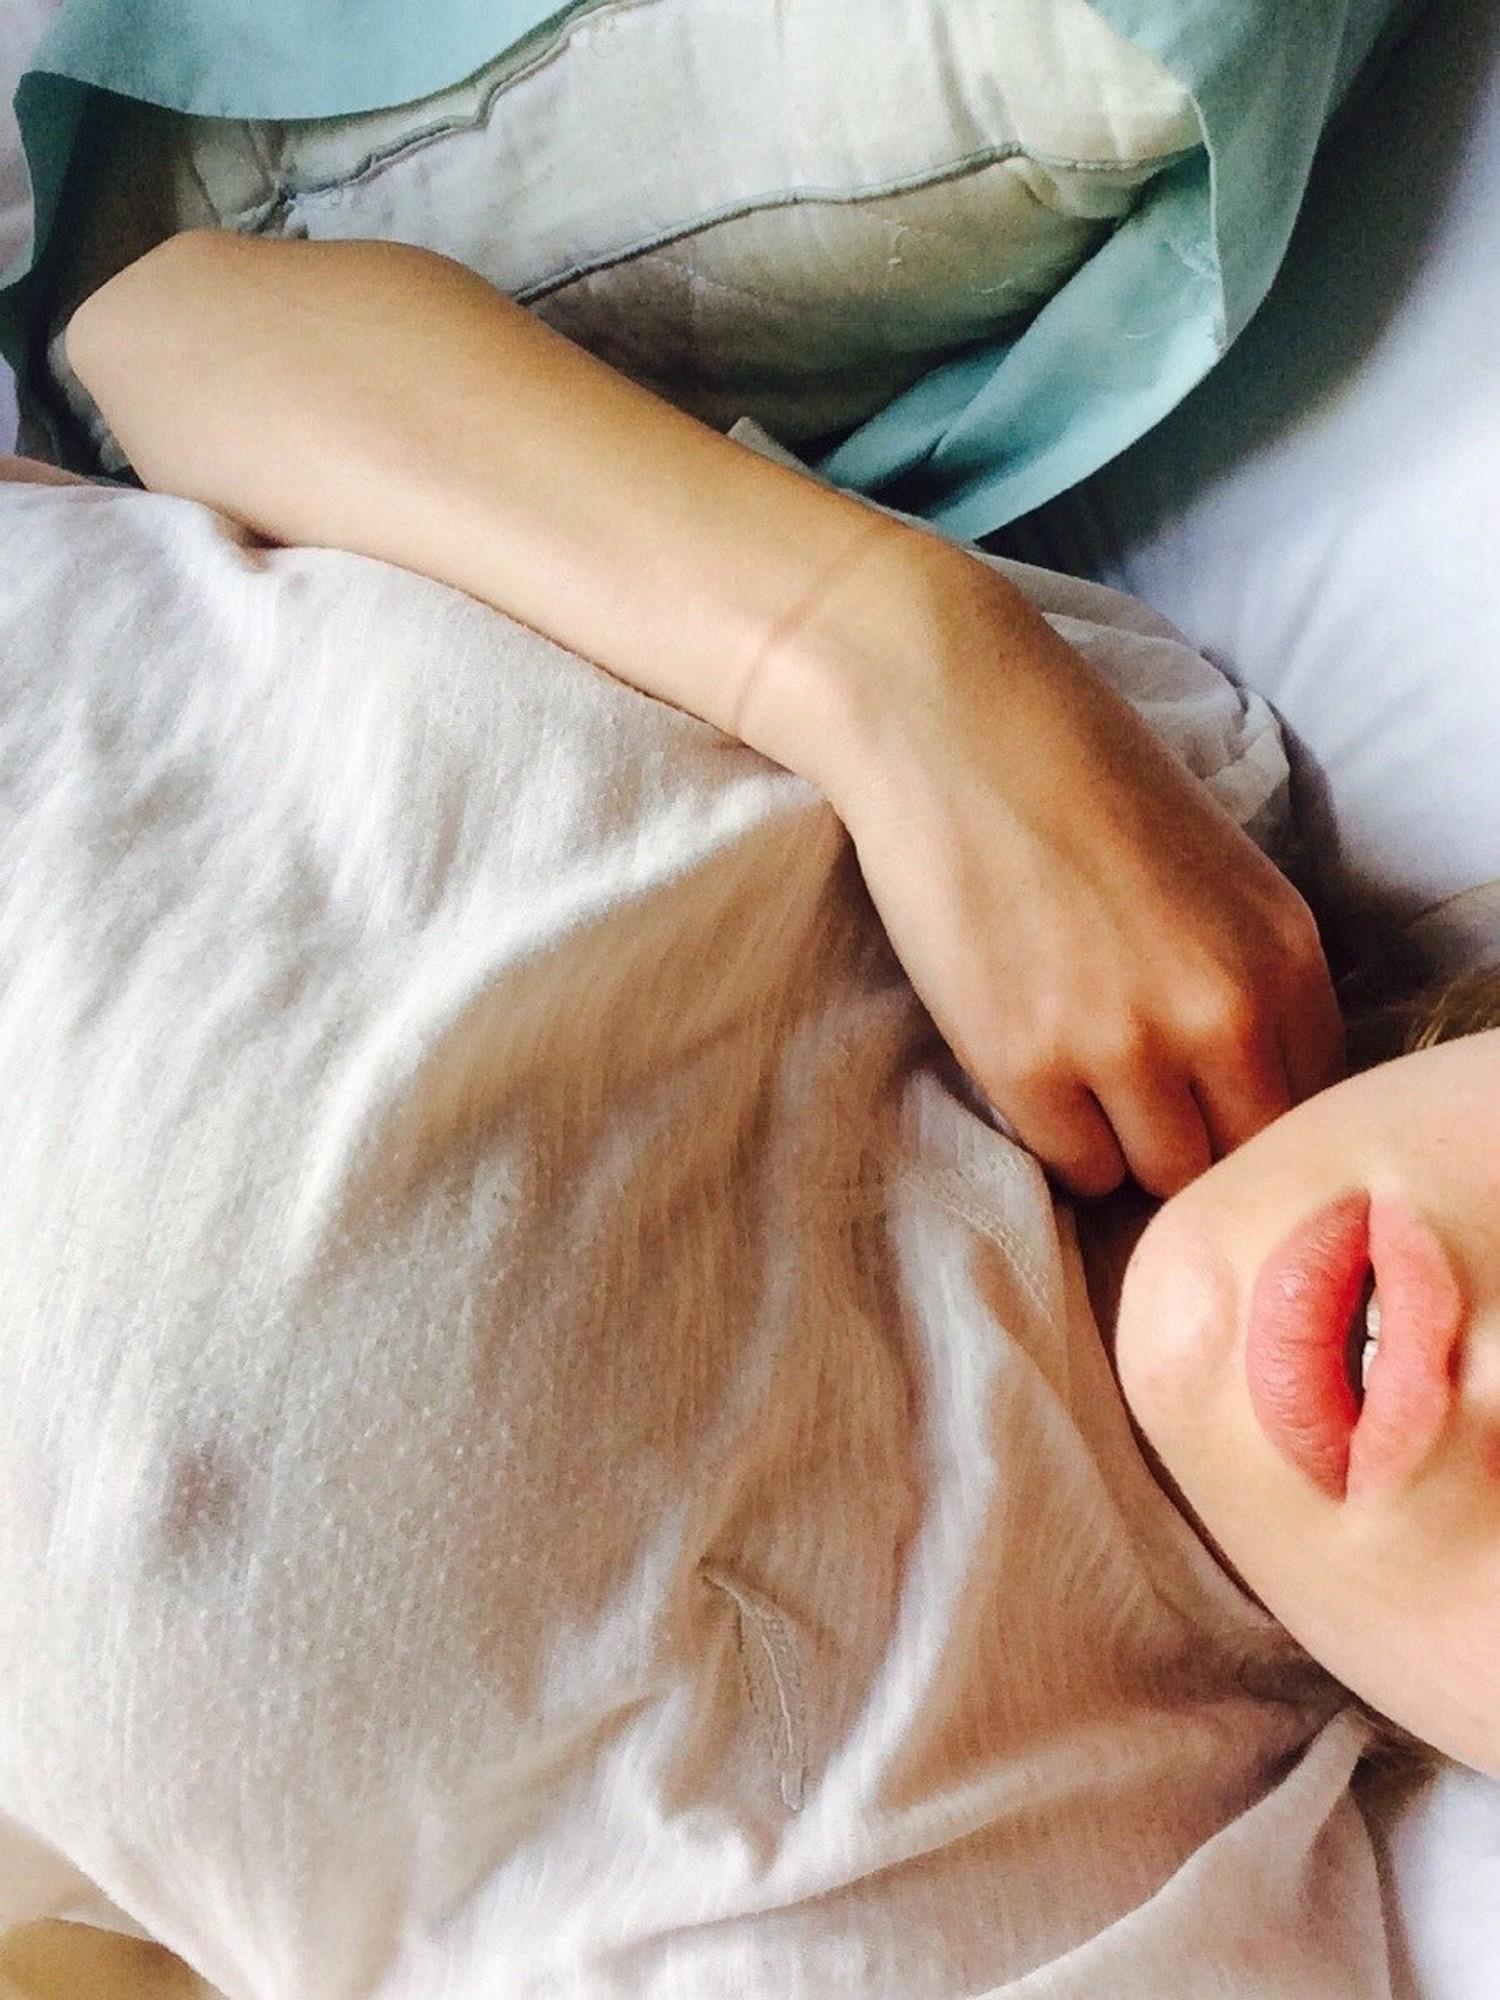 Длинноногая стройняшка красуется молодым телом перед камерой Айфона секс фото и порно фото